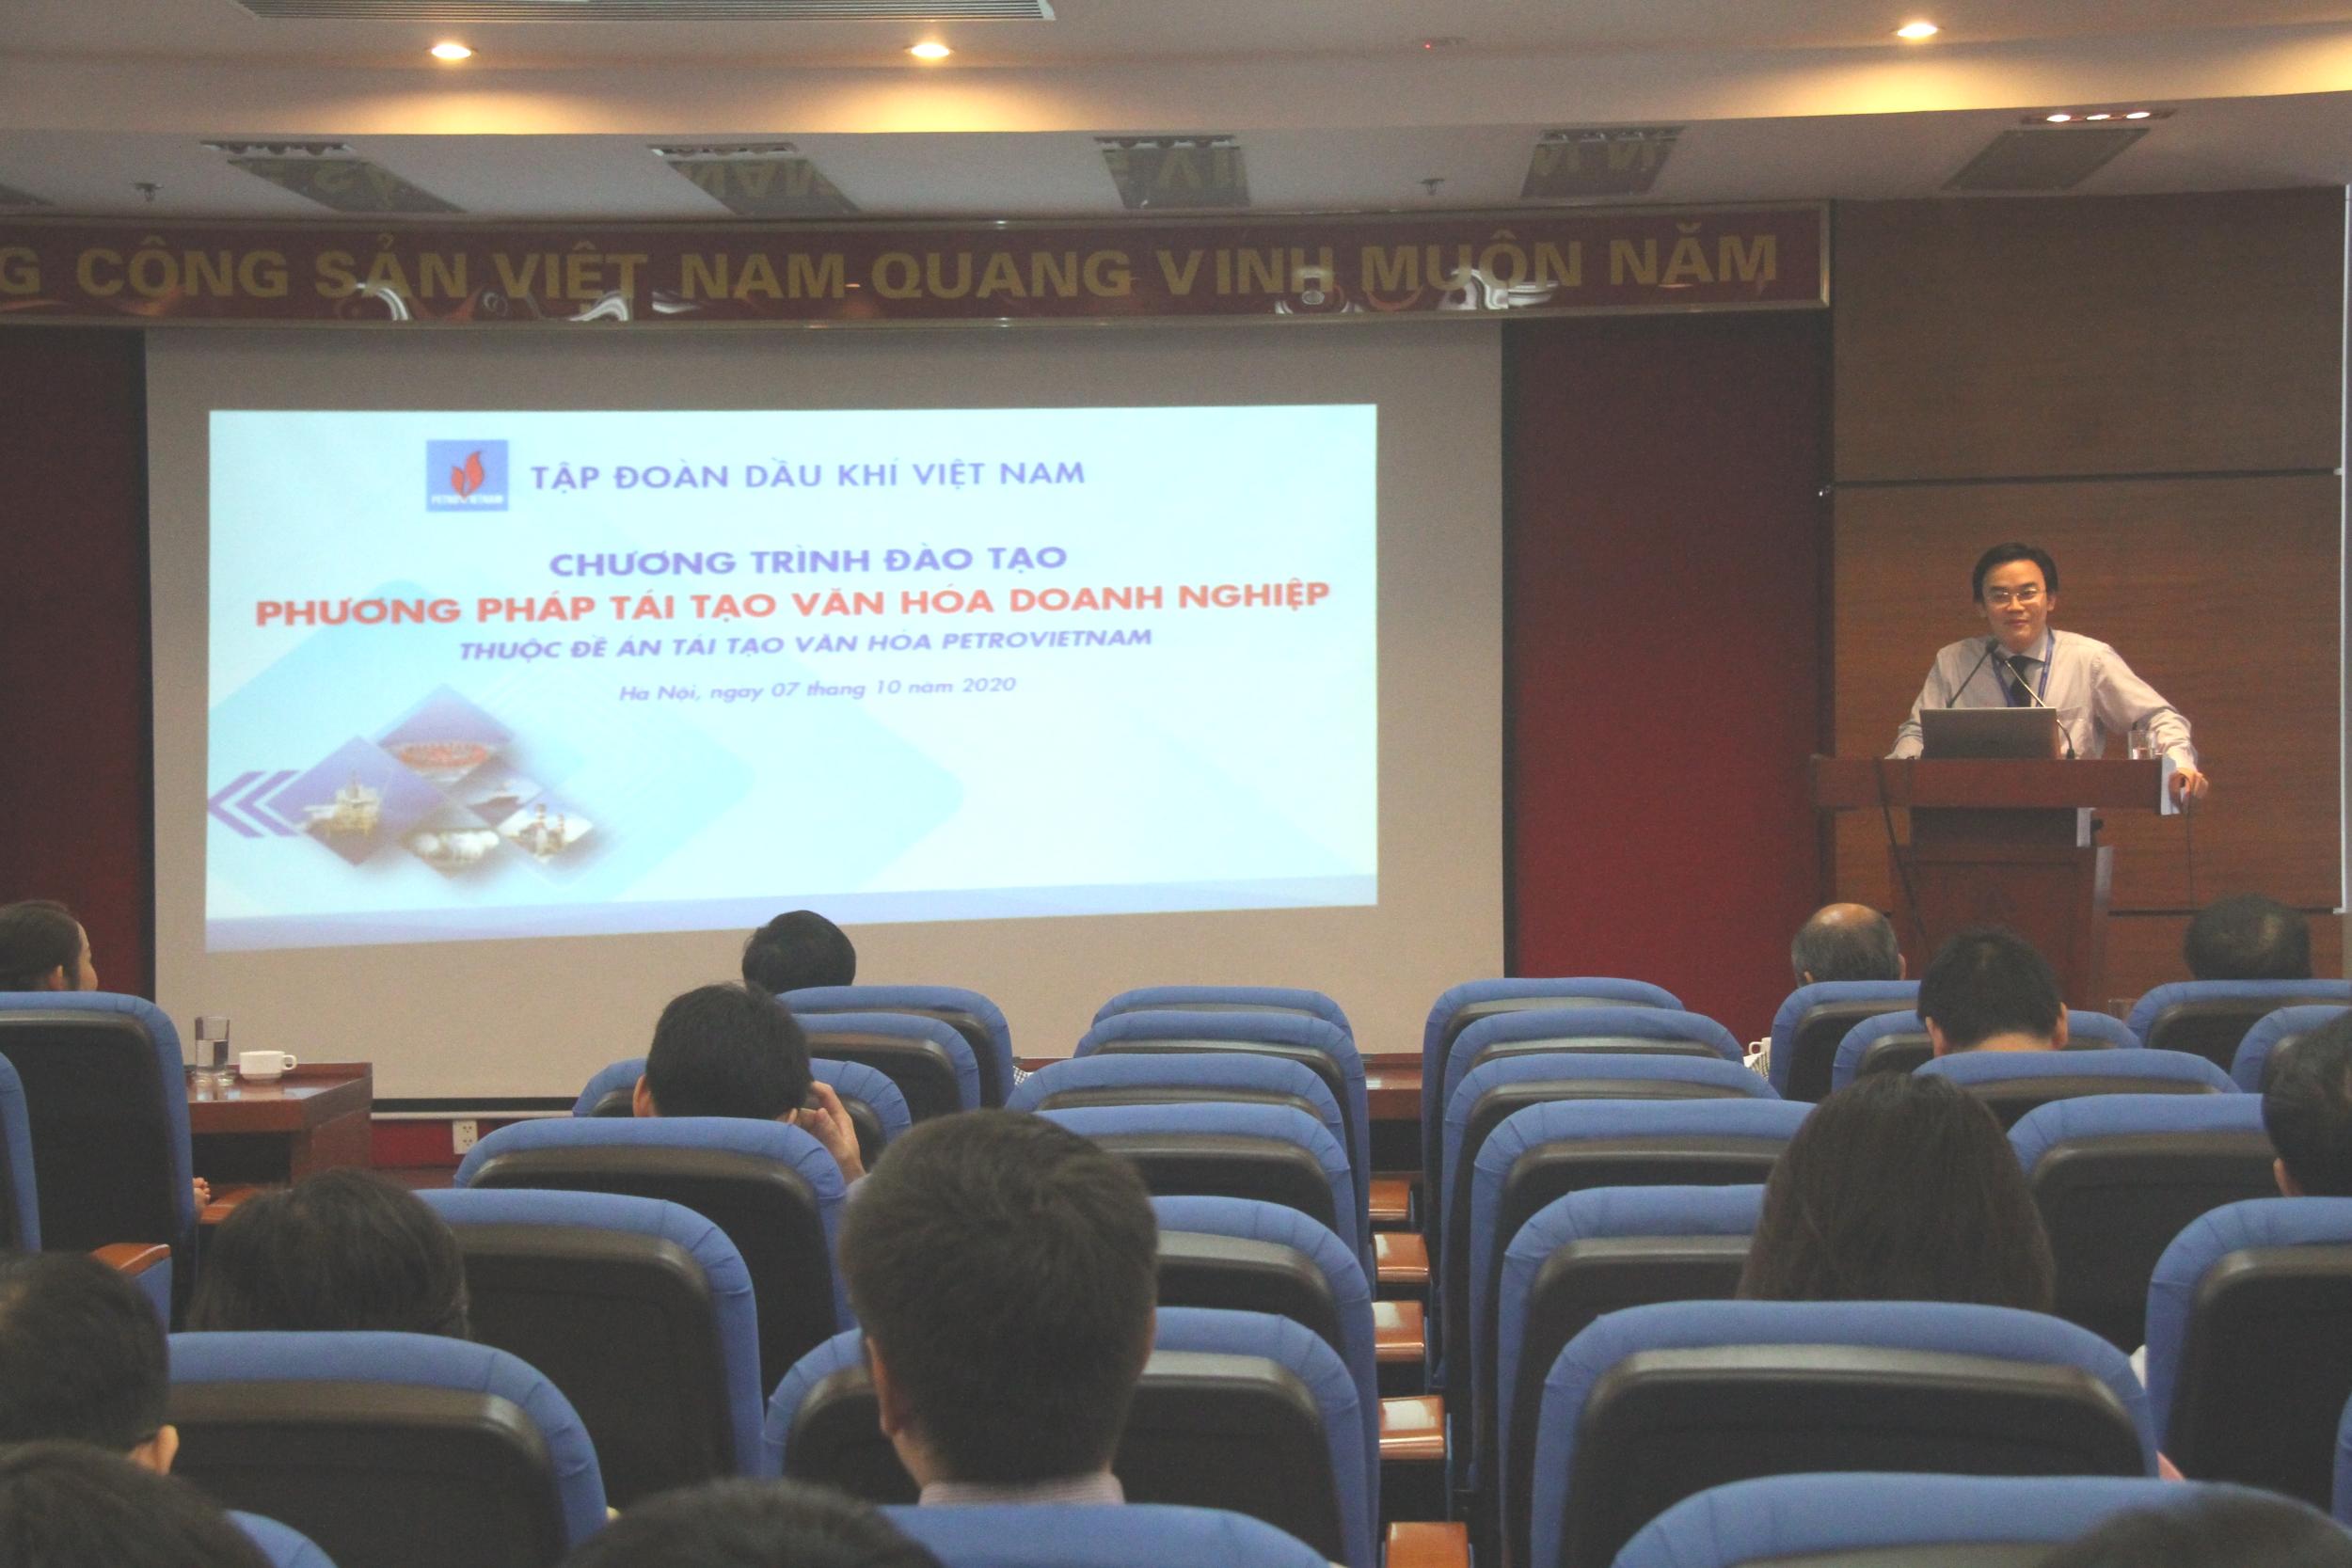 Đào tạo Phương pháp tái tạo văn hóa doanh nghiệp tại PVN